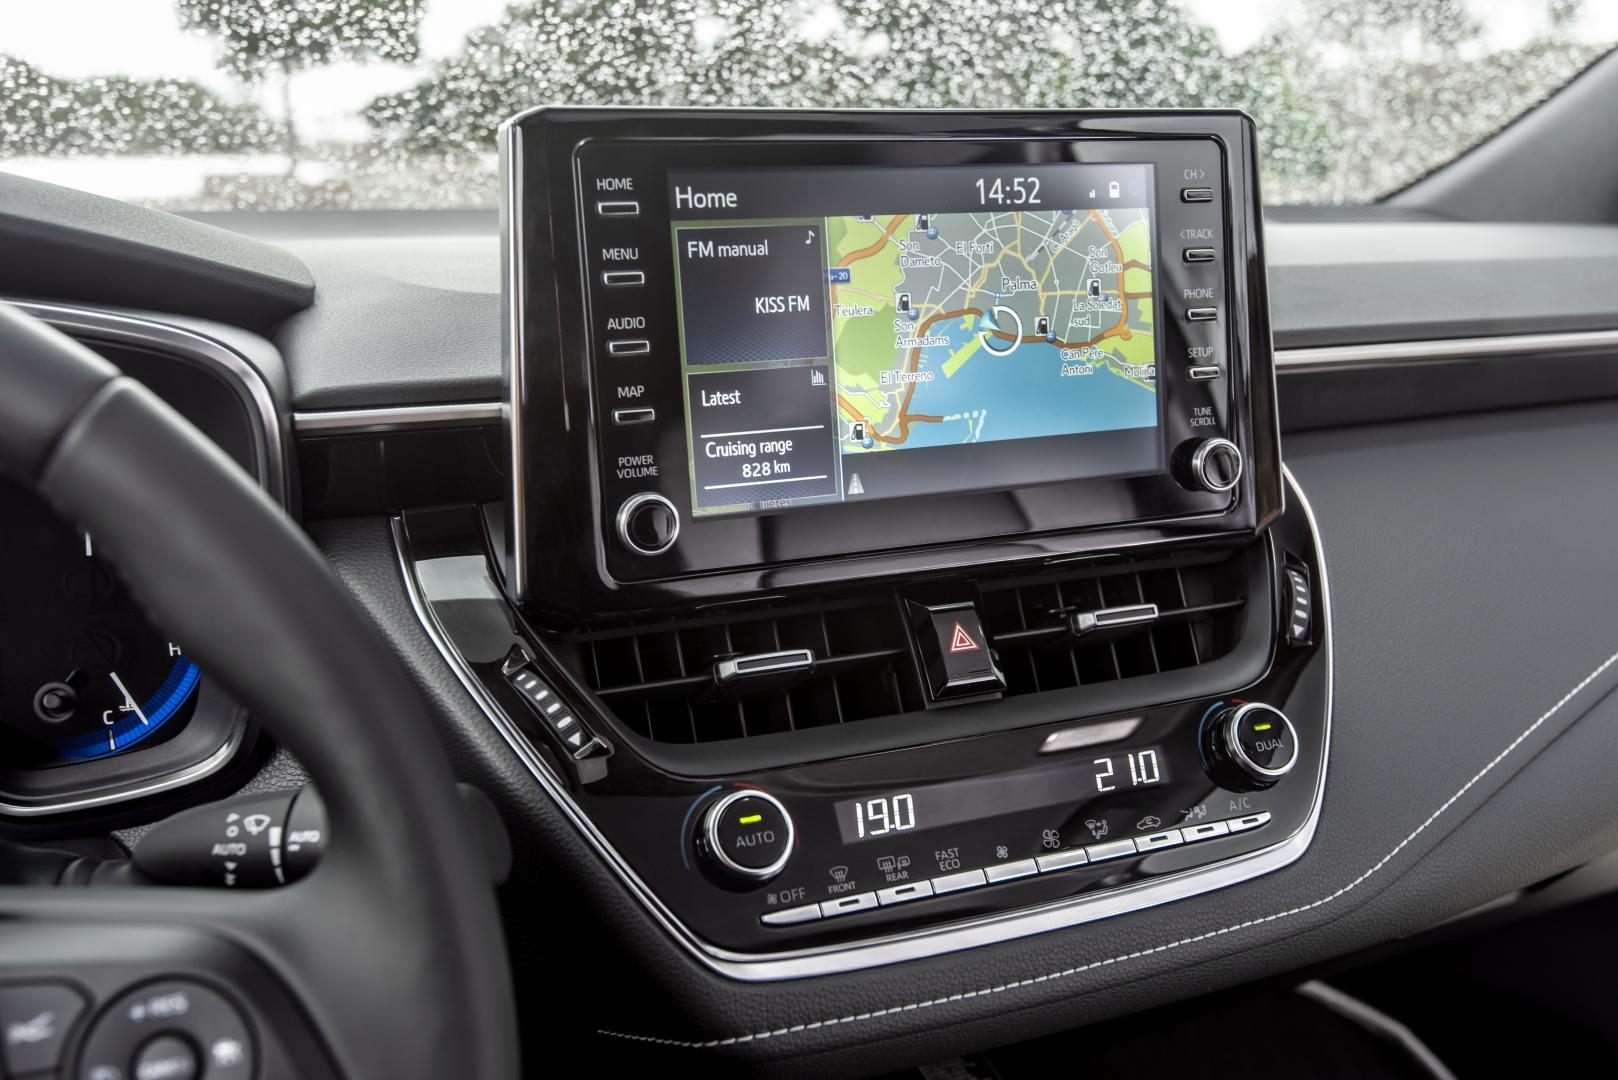 Toyota Corolla 2019 interieur navigatie